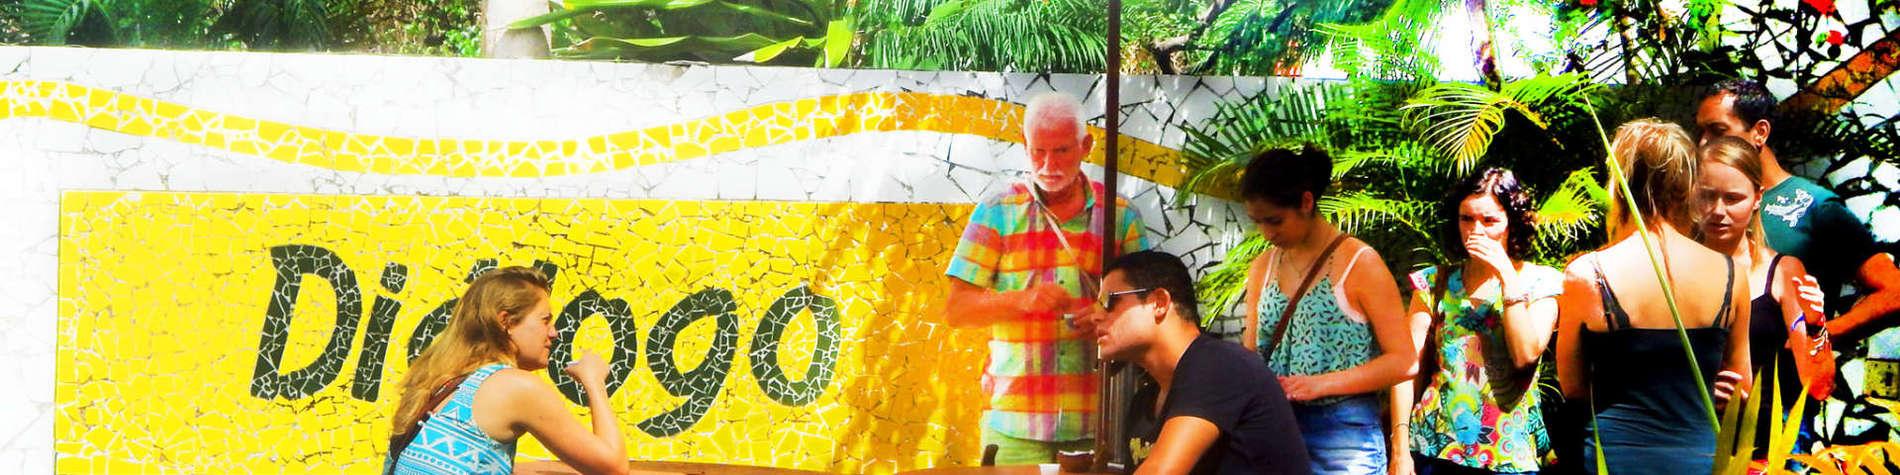 Imatge 1 de l'escola Dialogo Brazil - Language School